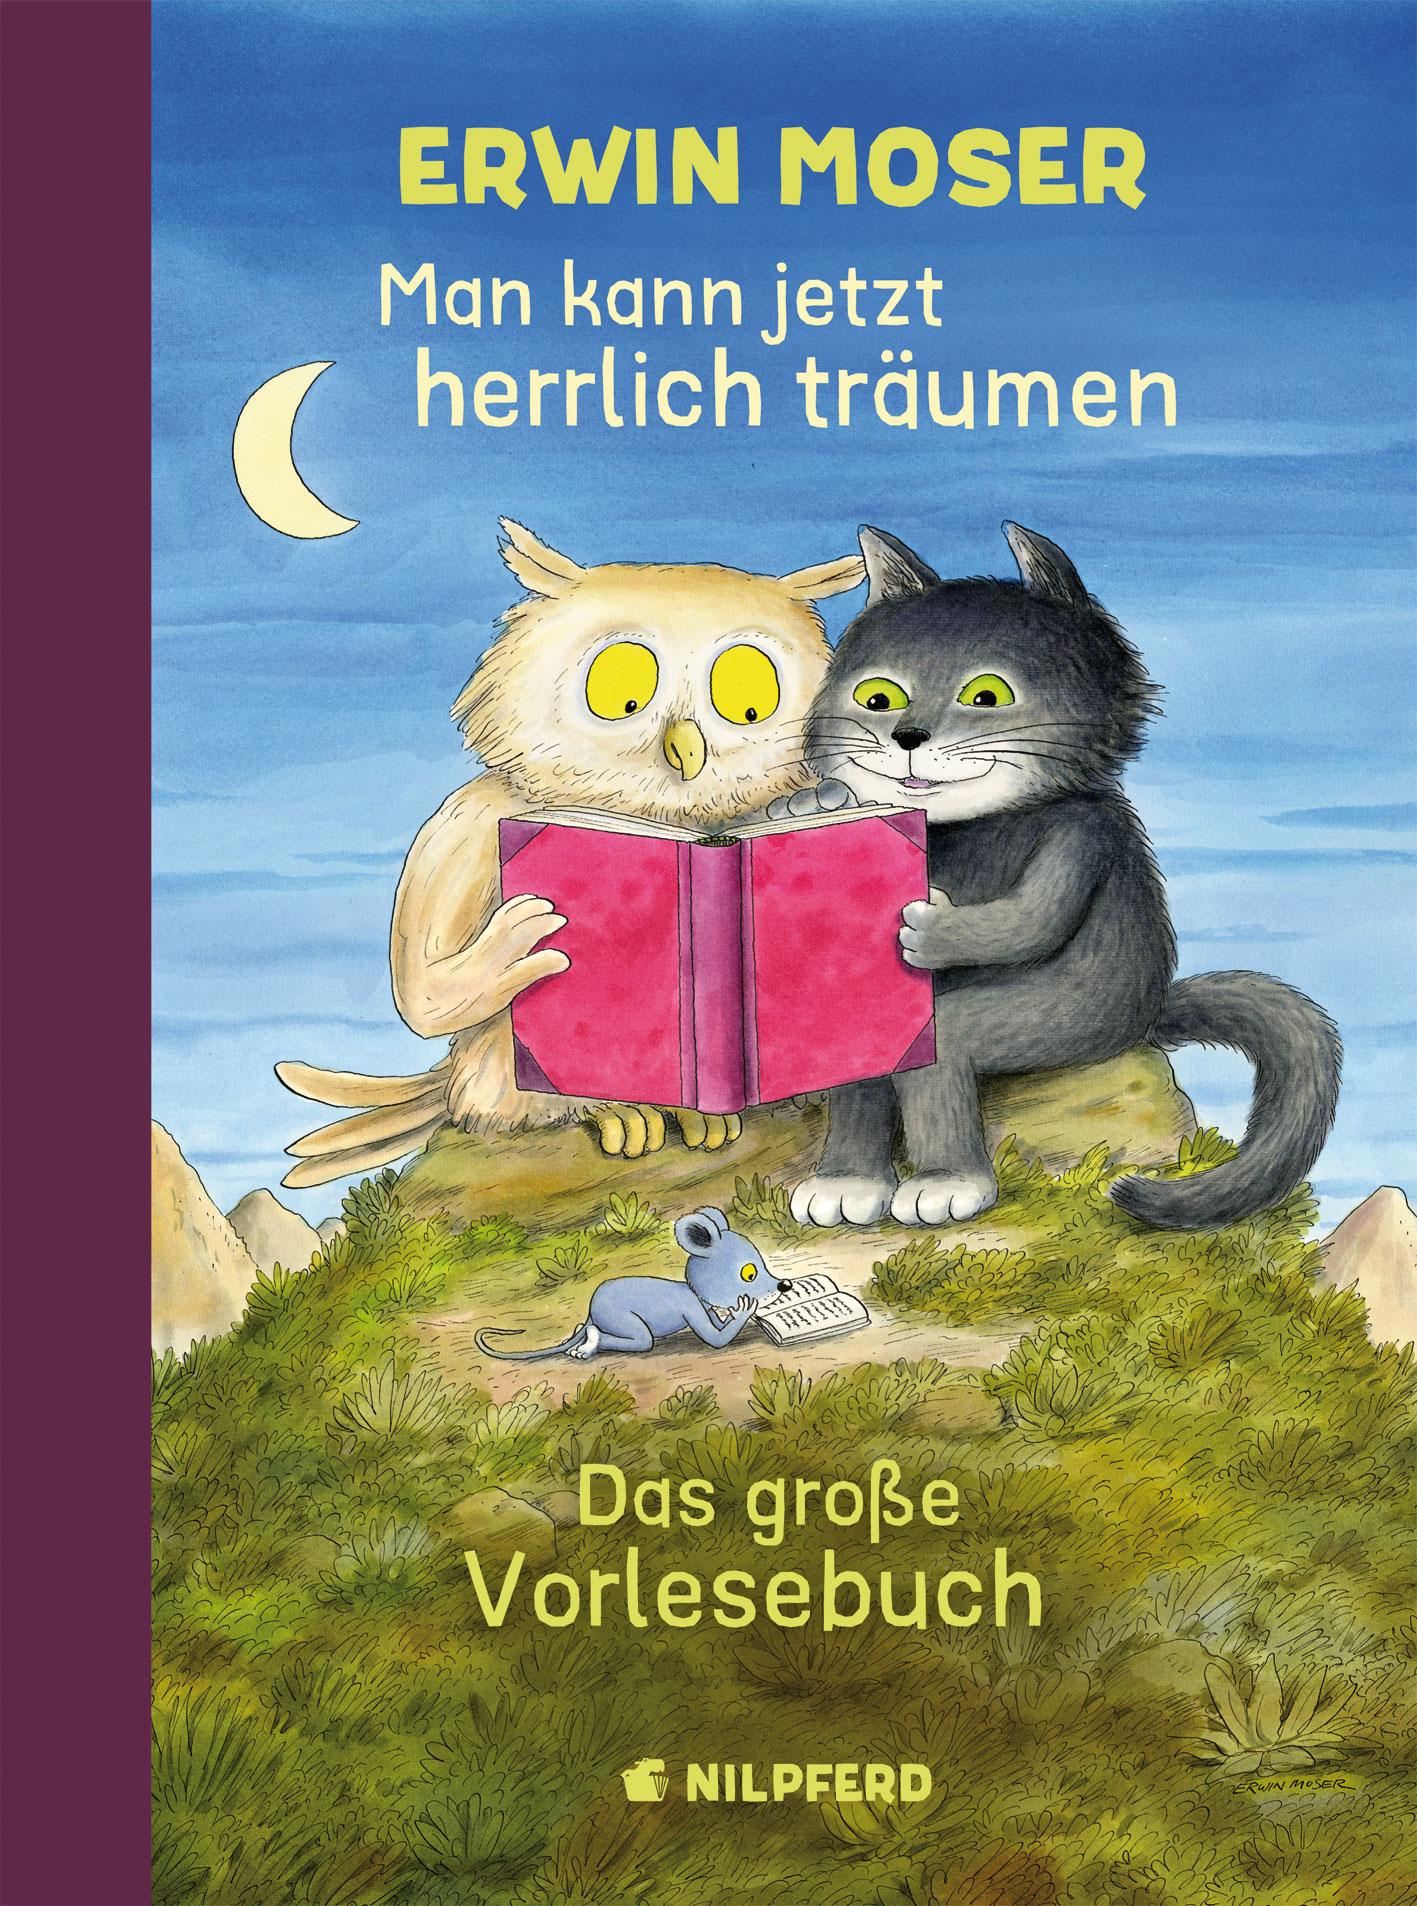 Erwin Moser - Man kann jetzt herrlich träumen